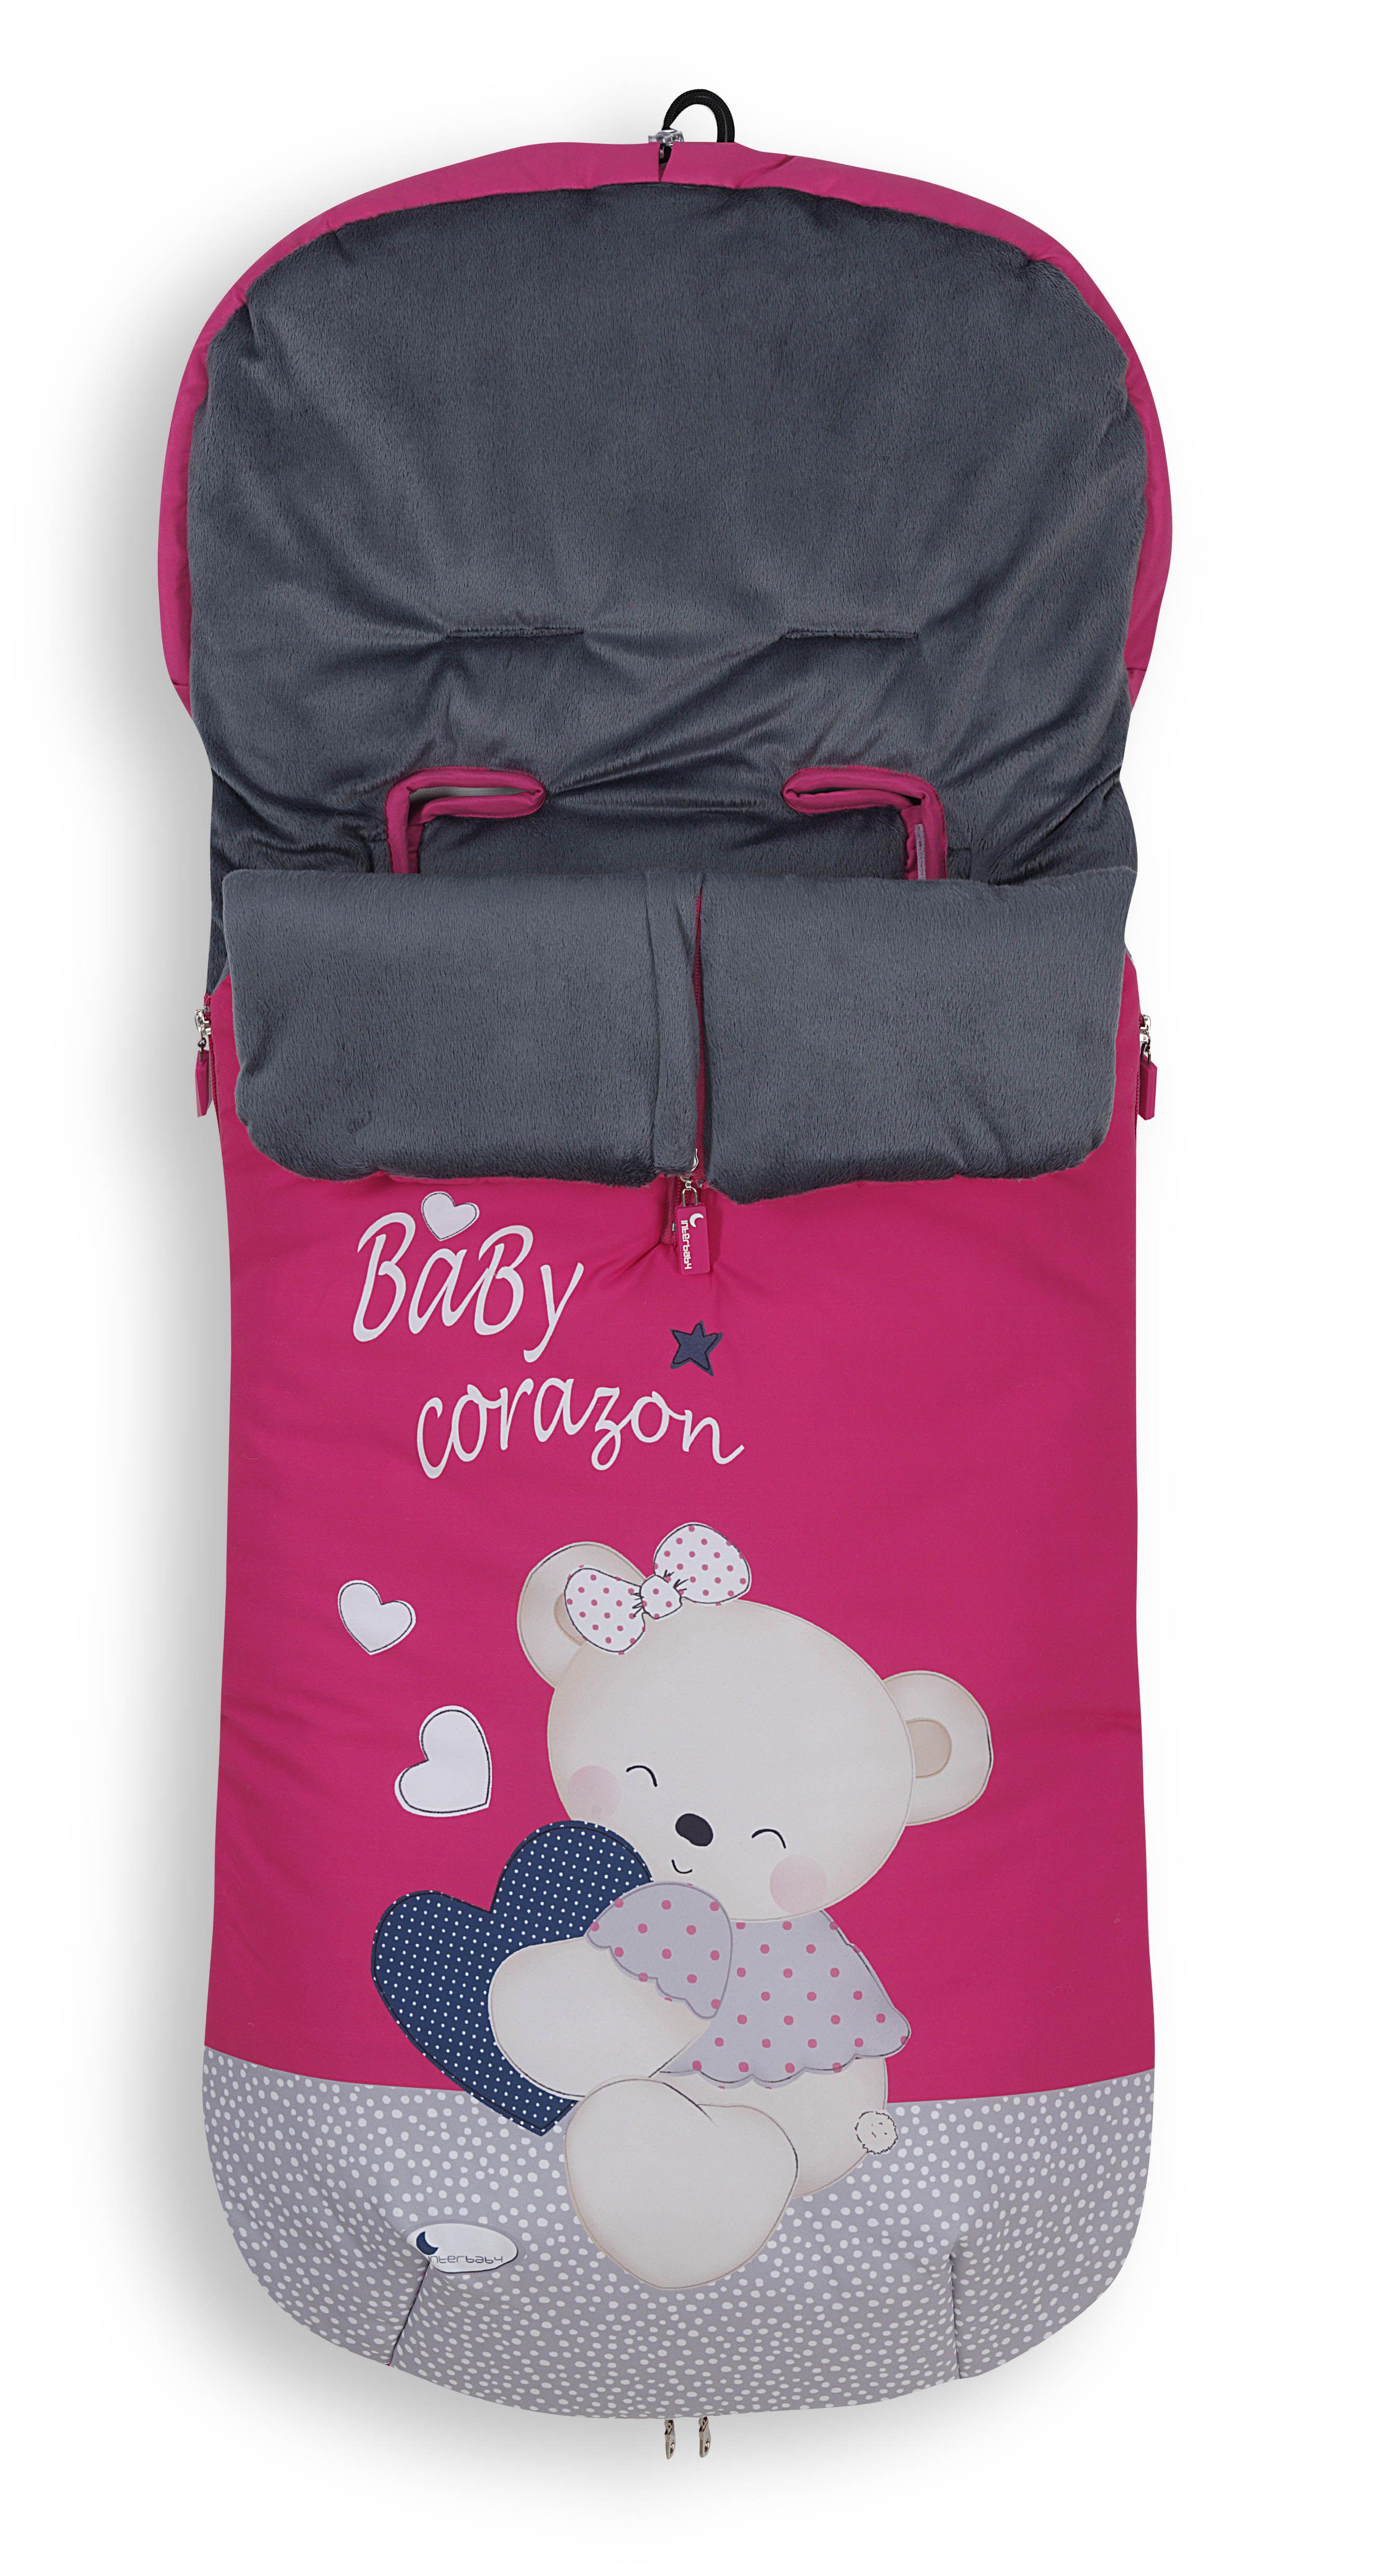 Saco Baby Coraz n en color Fucsia para sillas y carros de paseo